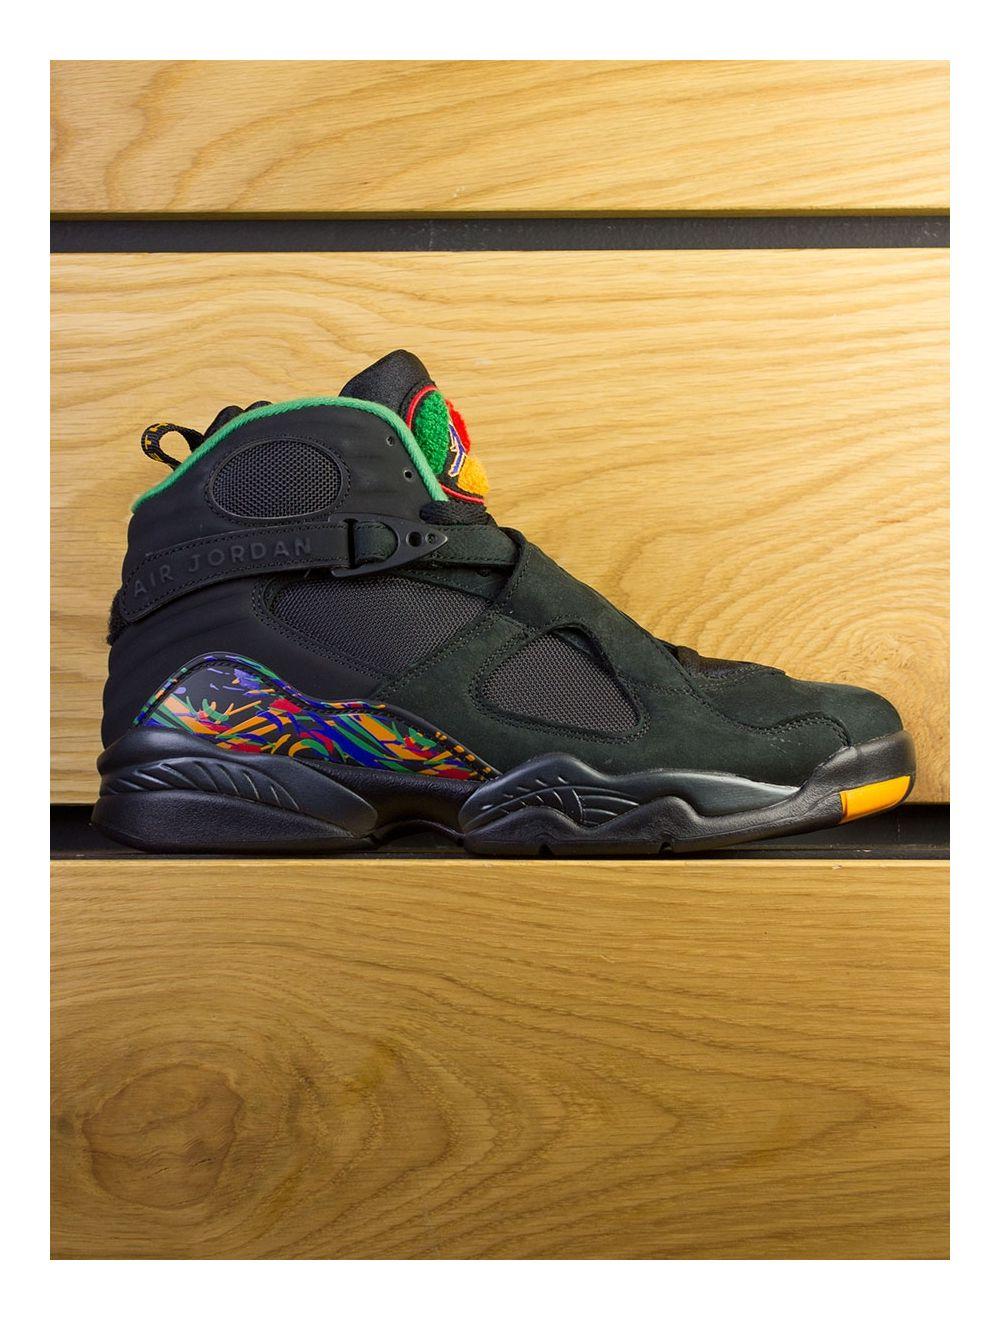 sports shoes 27c0d ebdd8 Nike Air Jordan 8 Retro Tinker